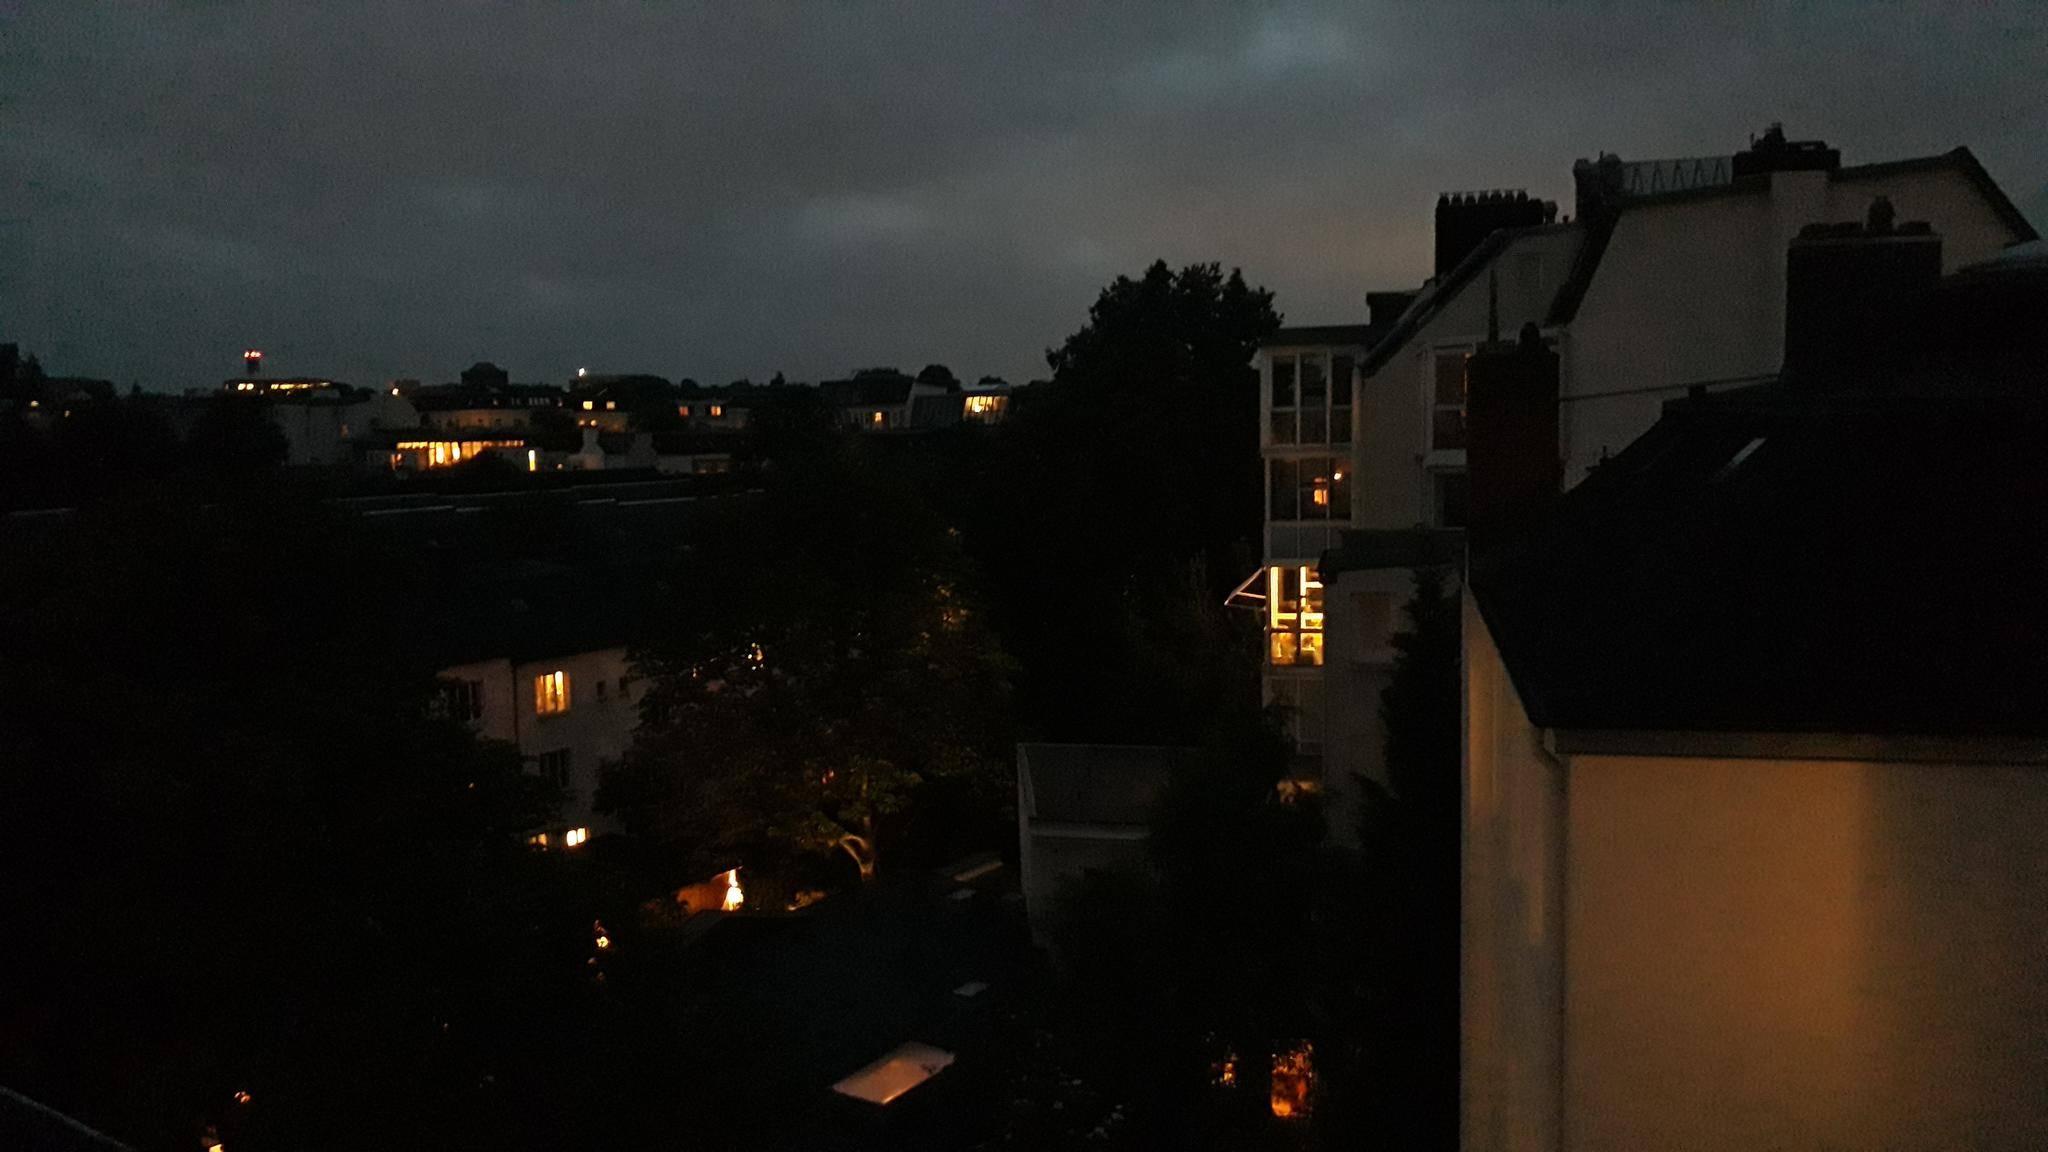 Die Motive sind bei Nachtaufnahmen noch gut zu erkennen.